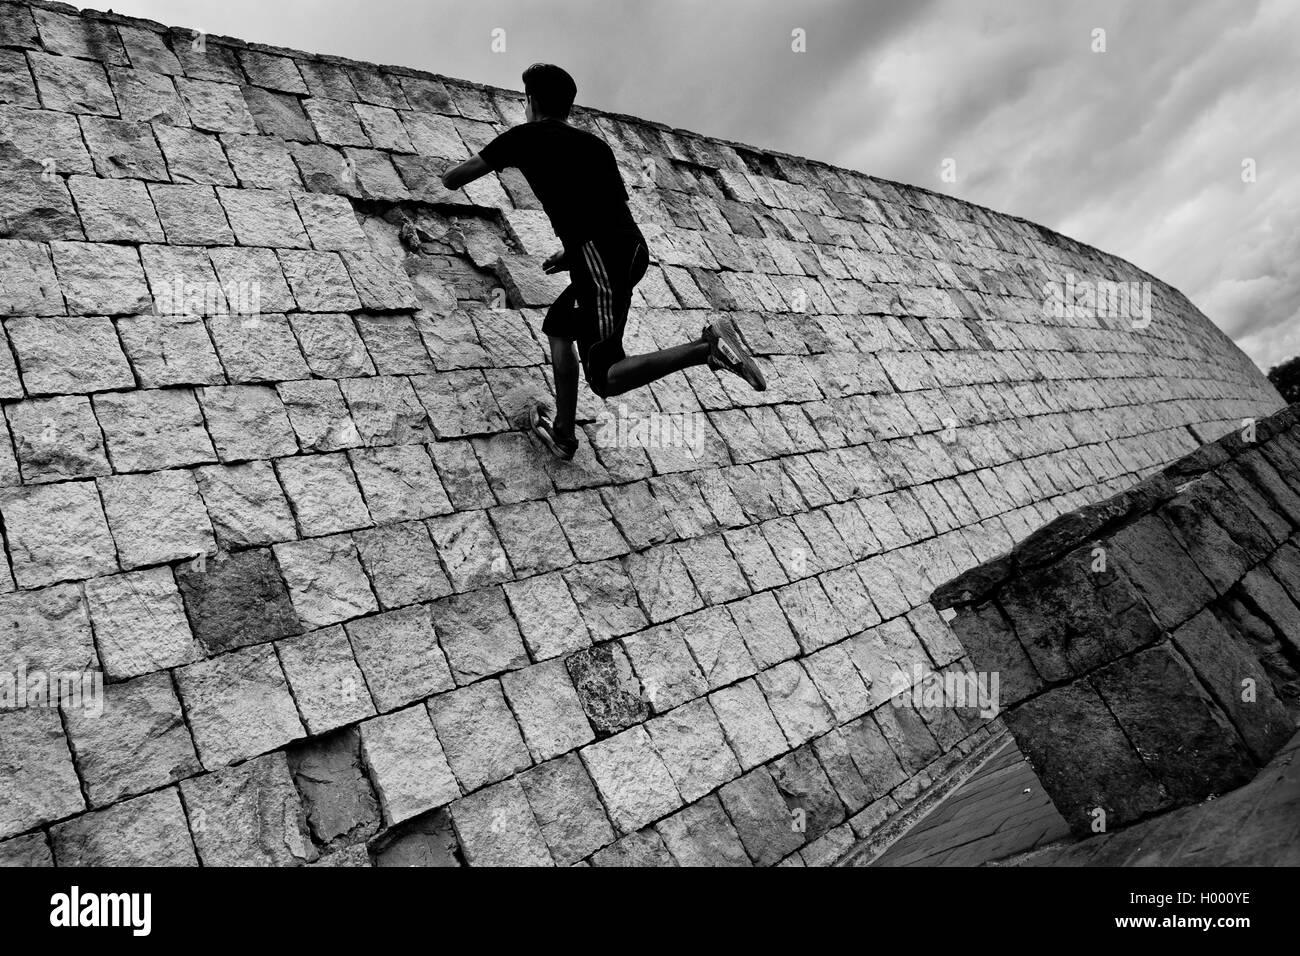 Un colombiano parkour runner salta sobre la pared durante una sesión de entrenamiento de marcha libre Tamashikaze Imagen De Stock